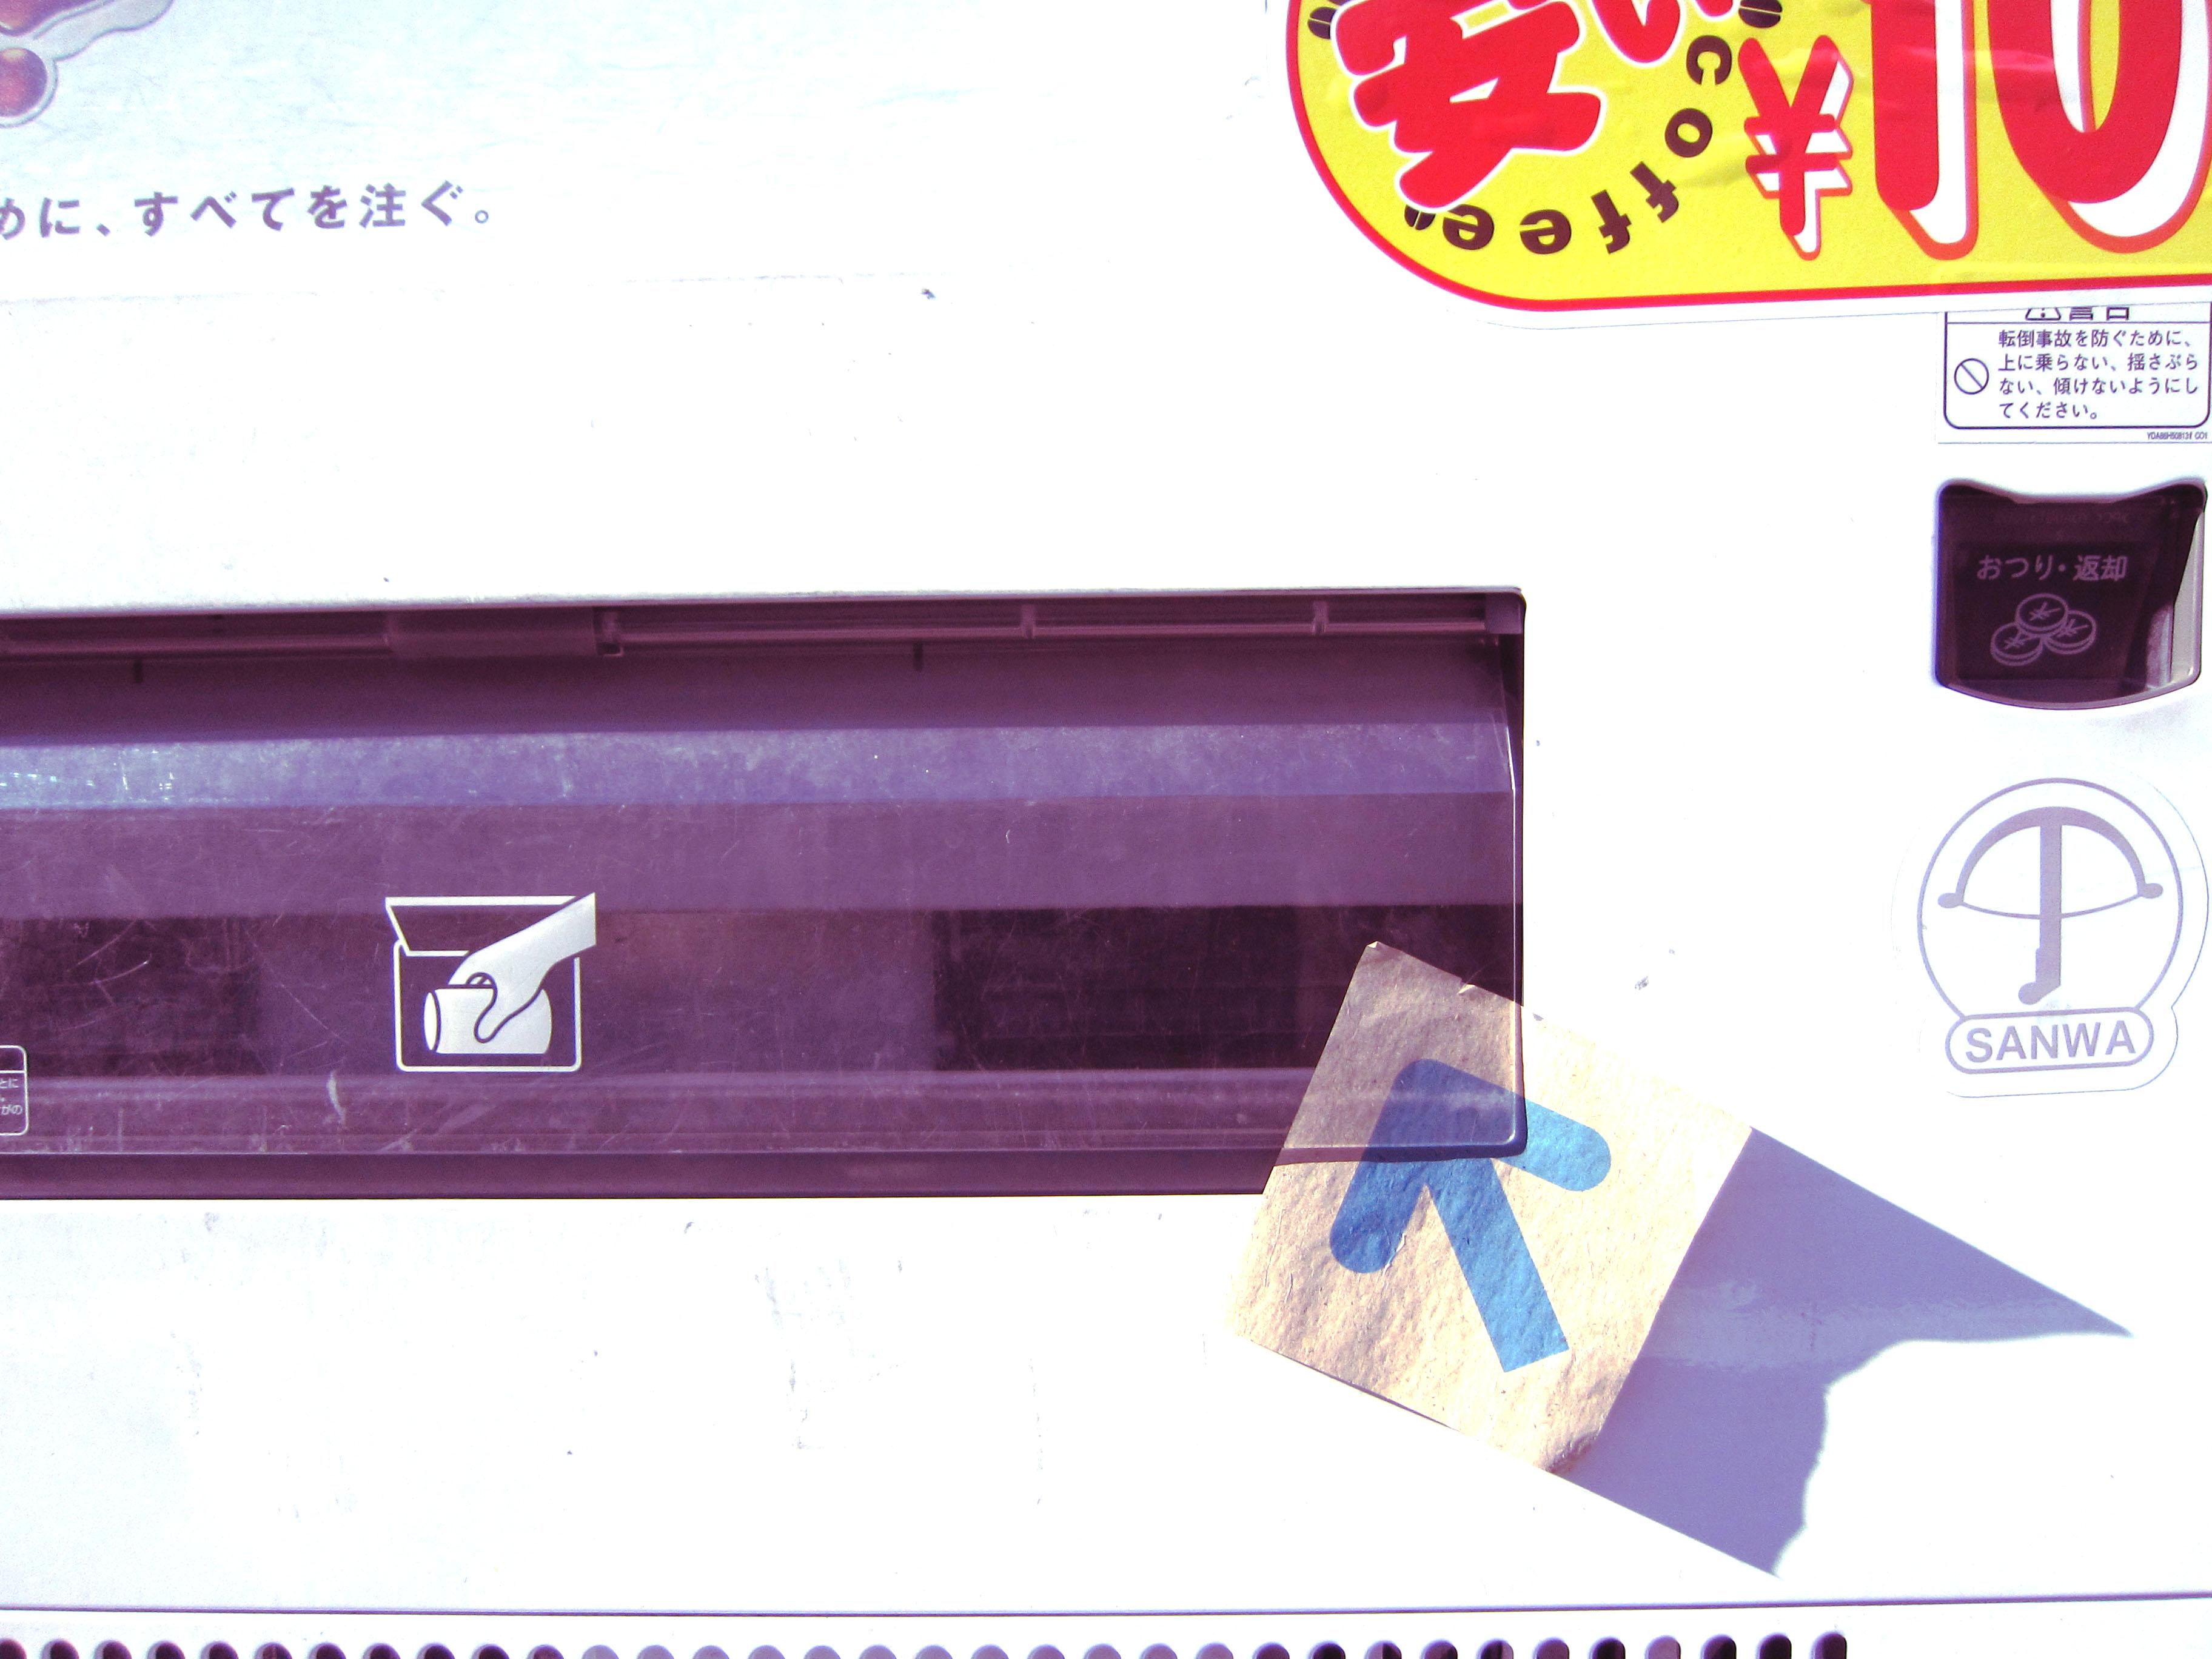 やじるし 新ロゴ 素材写真 3